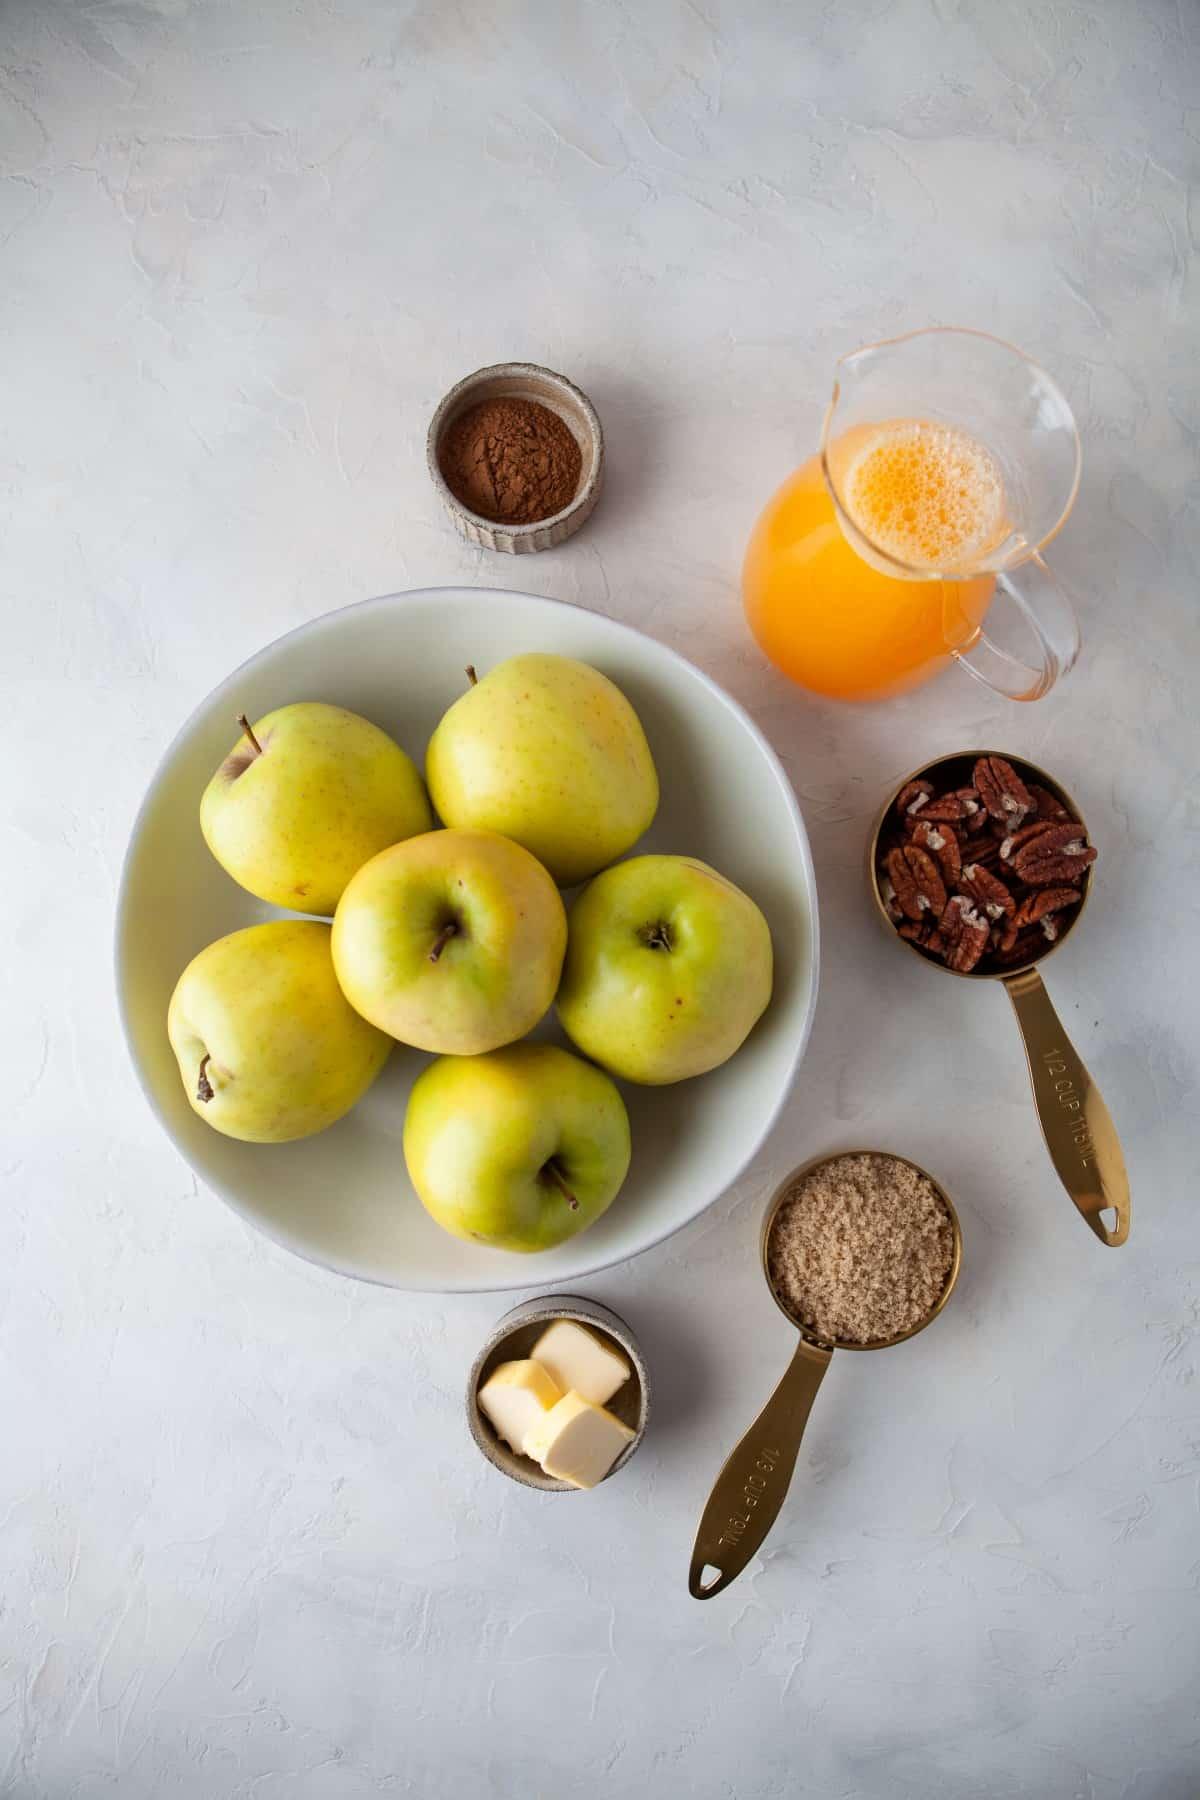 Ingredients for Cinnamon Baked Apples